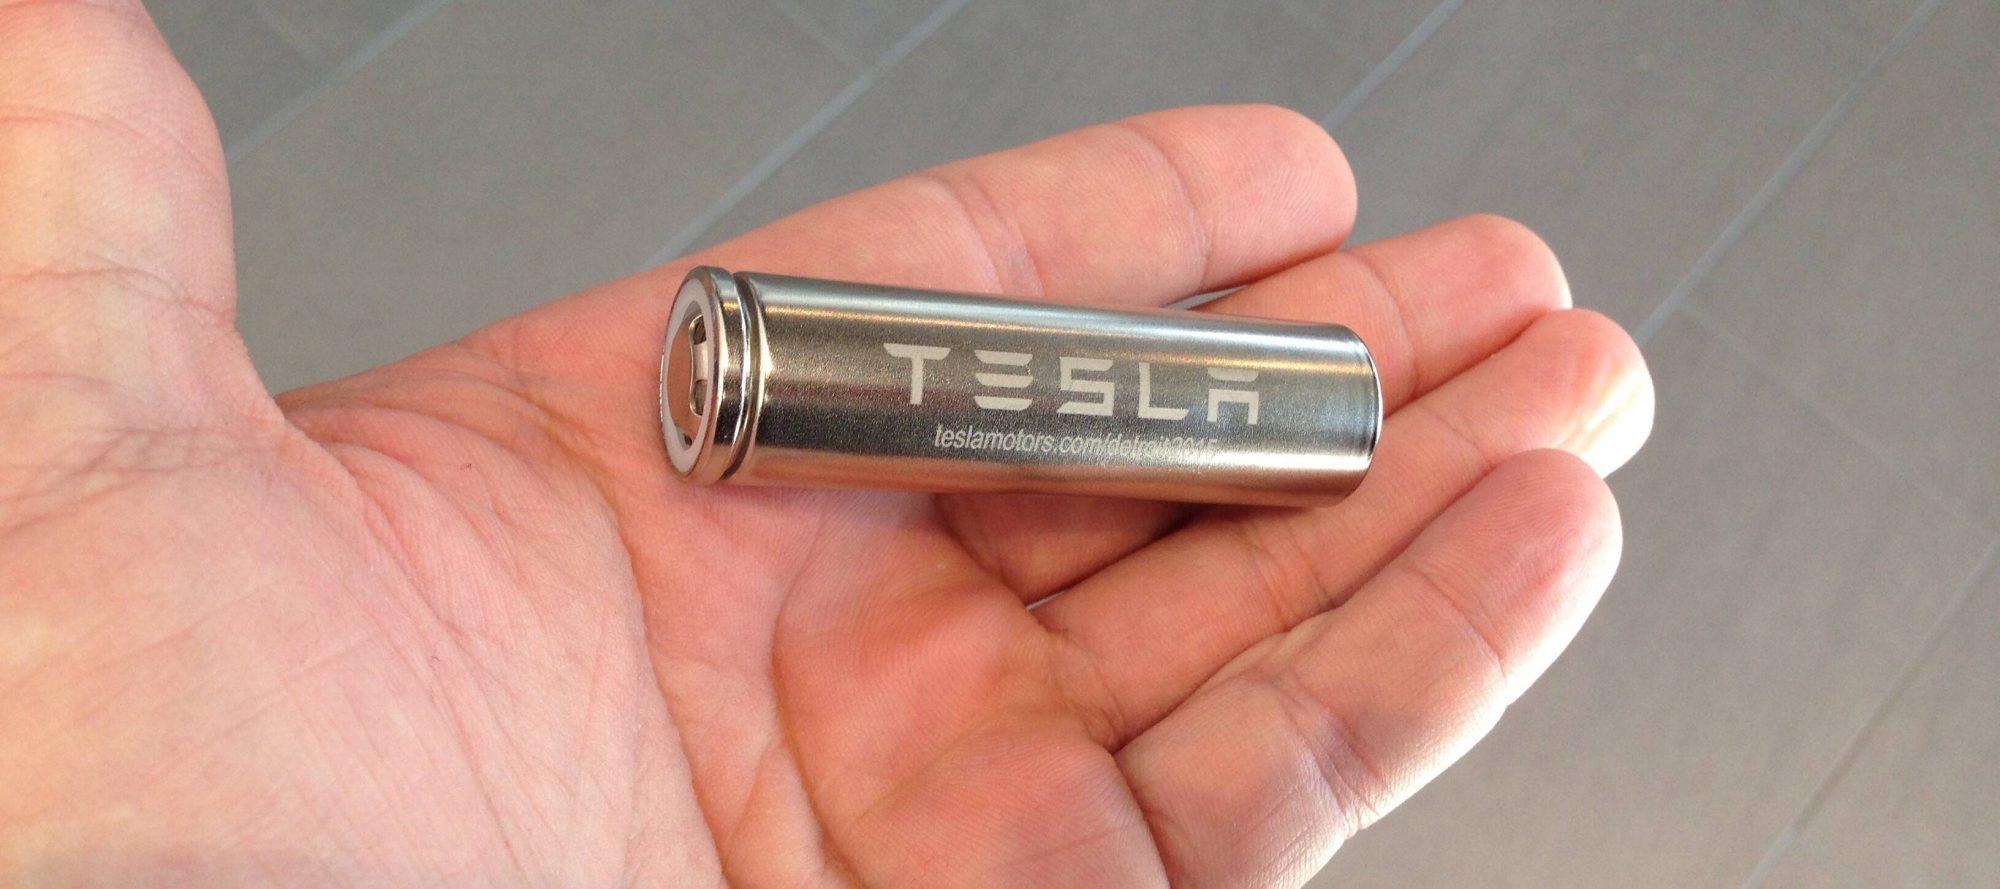 【精彩】特斯拉自制电池秘密项目曝光